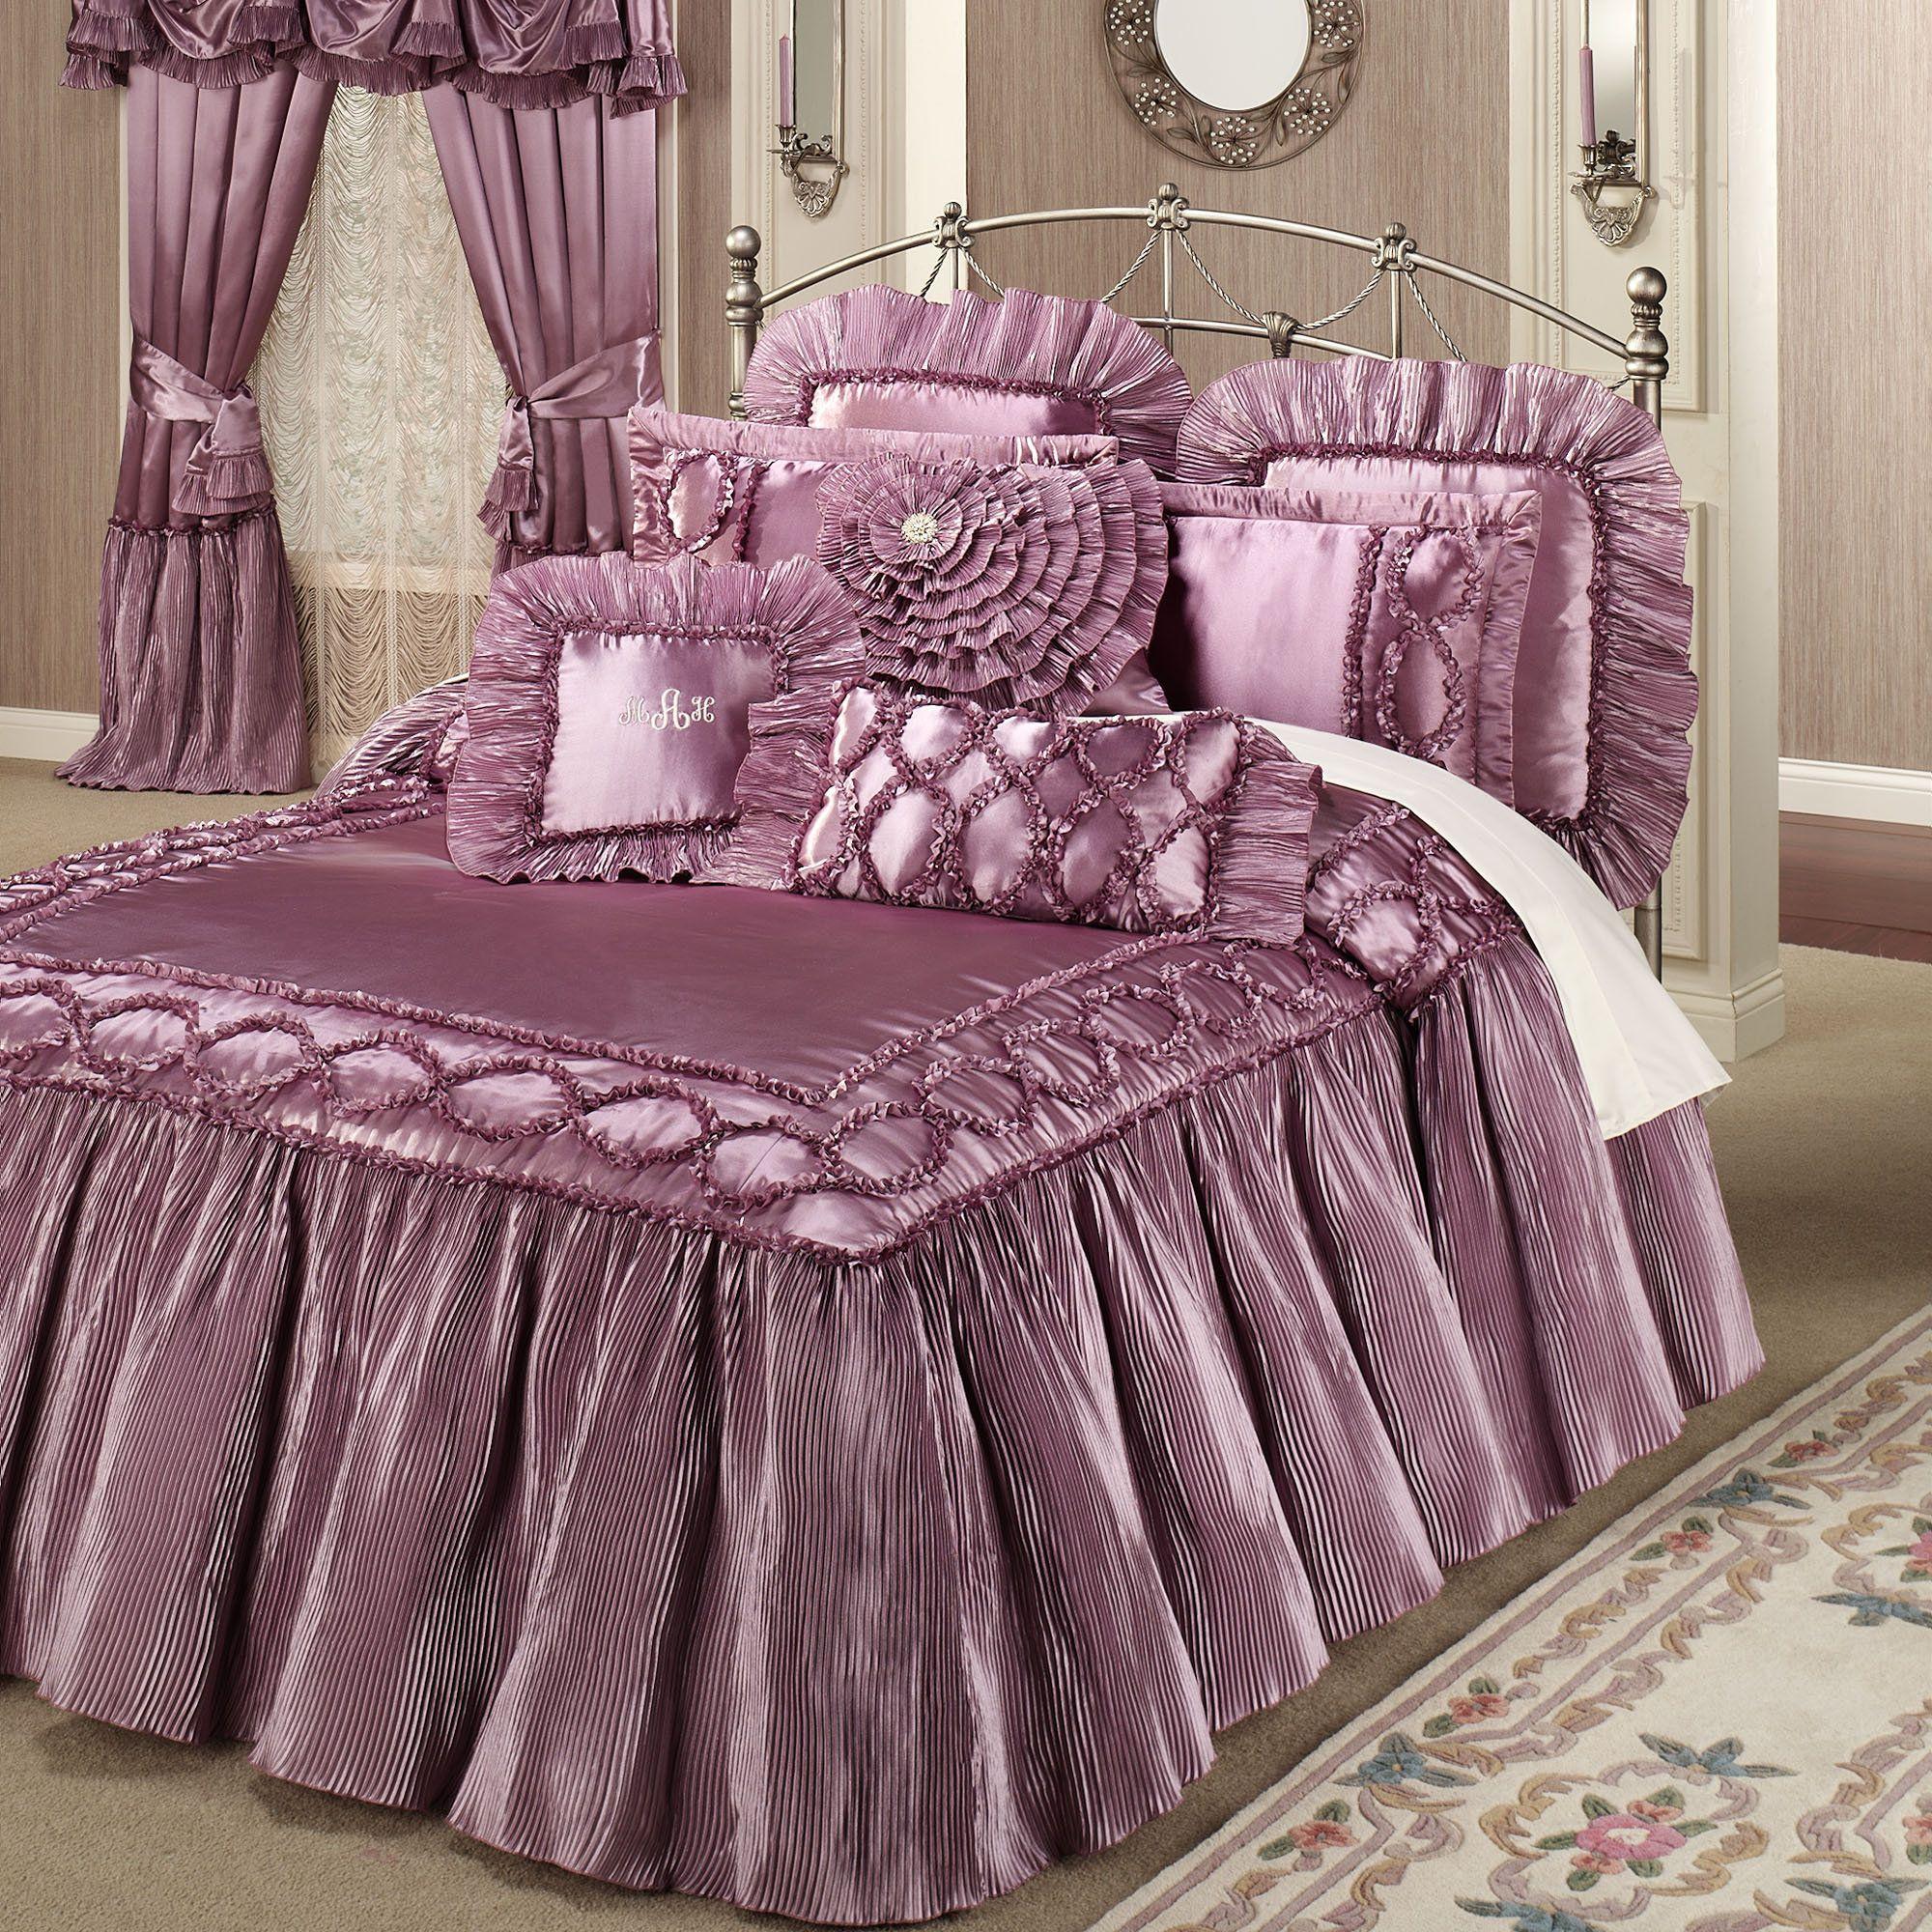 Ribbon embroidery bedspread designs - Marquis Flounce Grande Bedspread Orchid